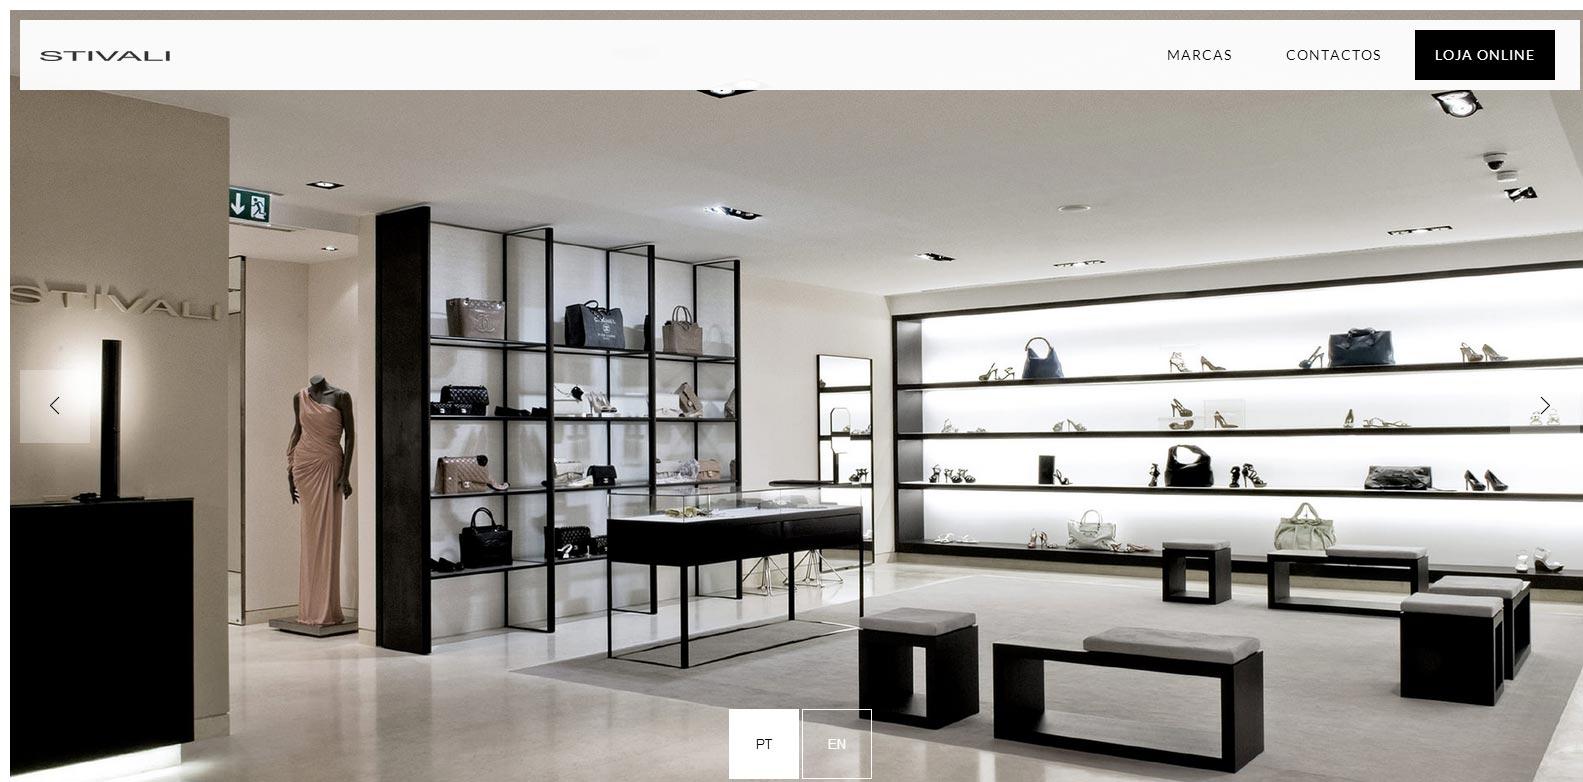 Stivali Website Screenshot